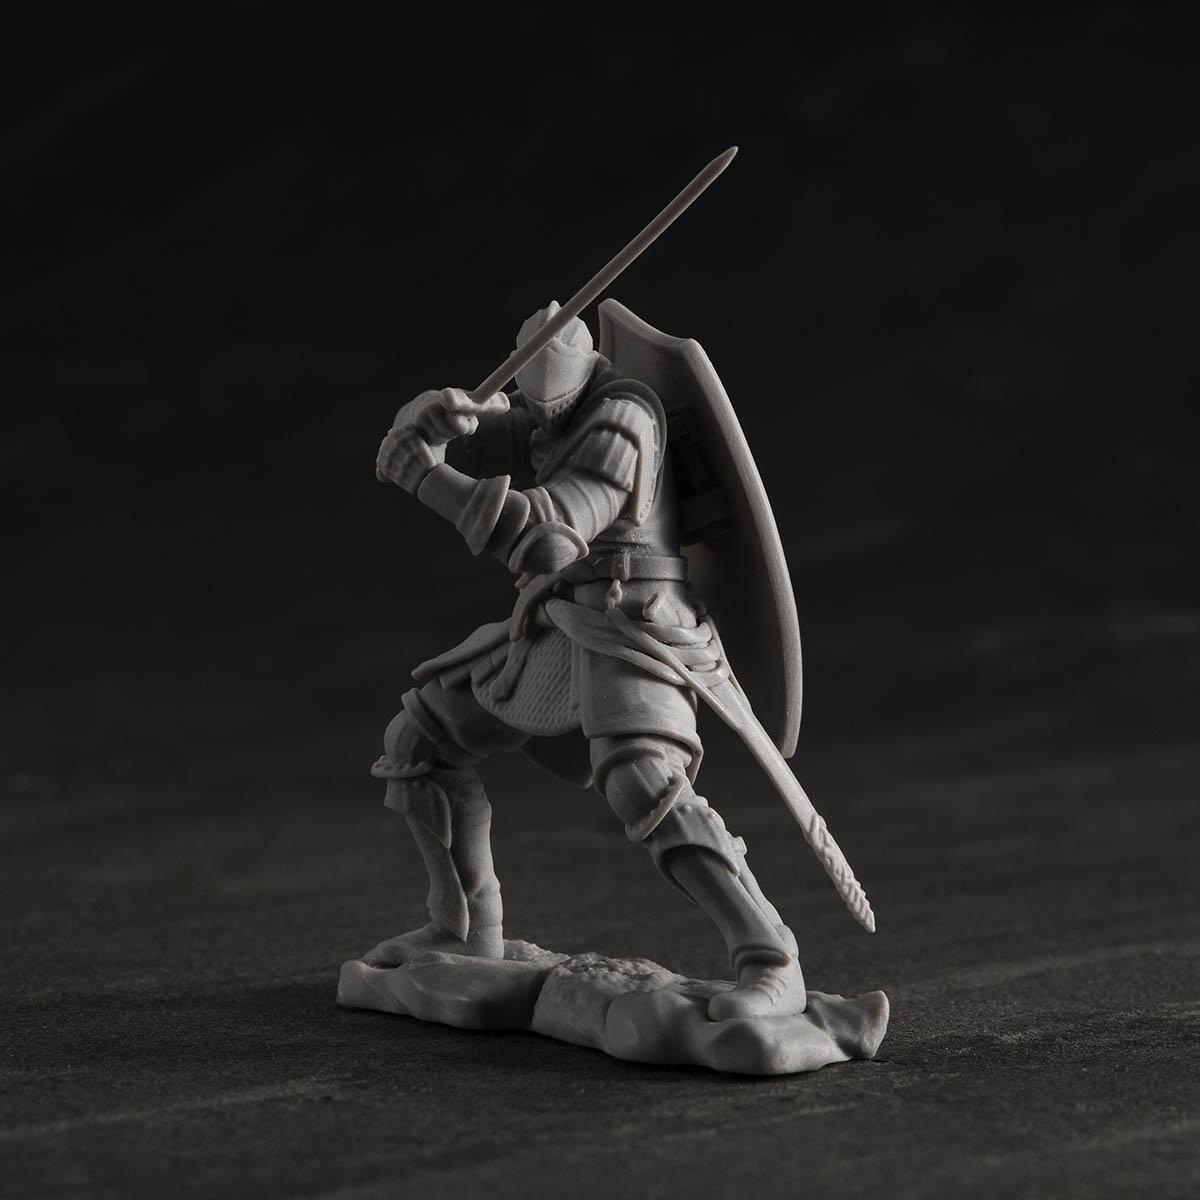 ゲームピースコレクション『DARK SOULS 上級騎士&混沌の魔女クラーグ』無塗装組立てキット-006